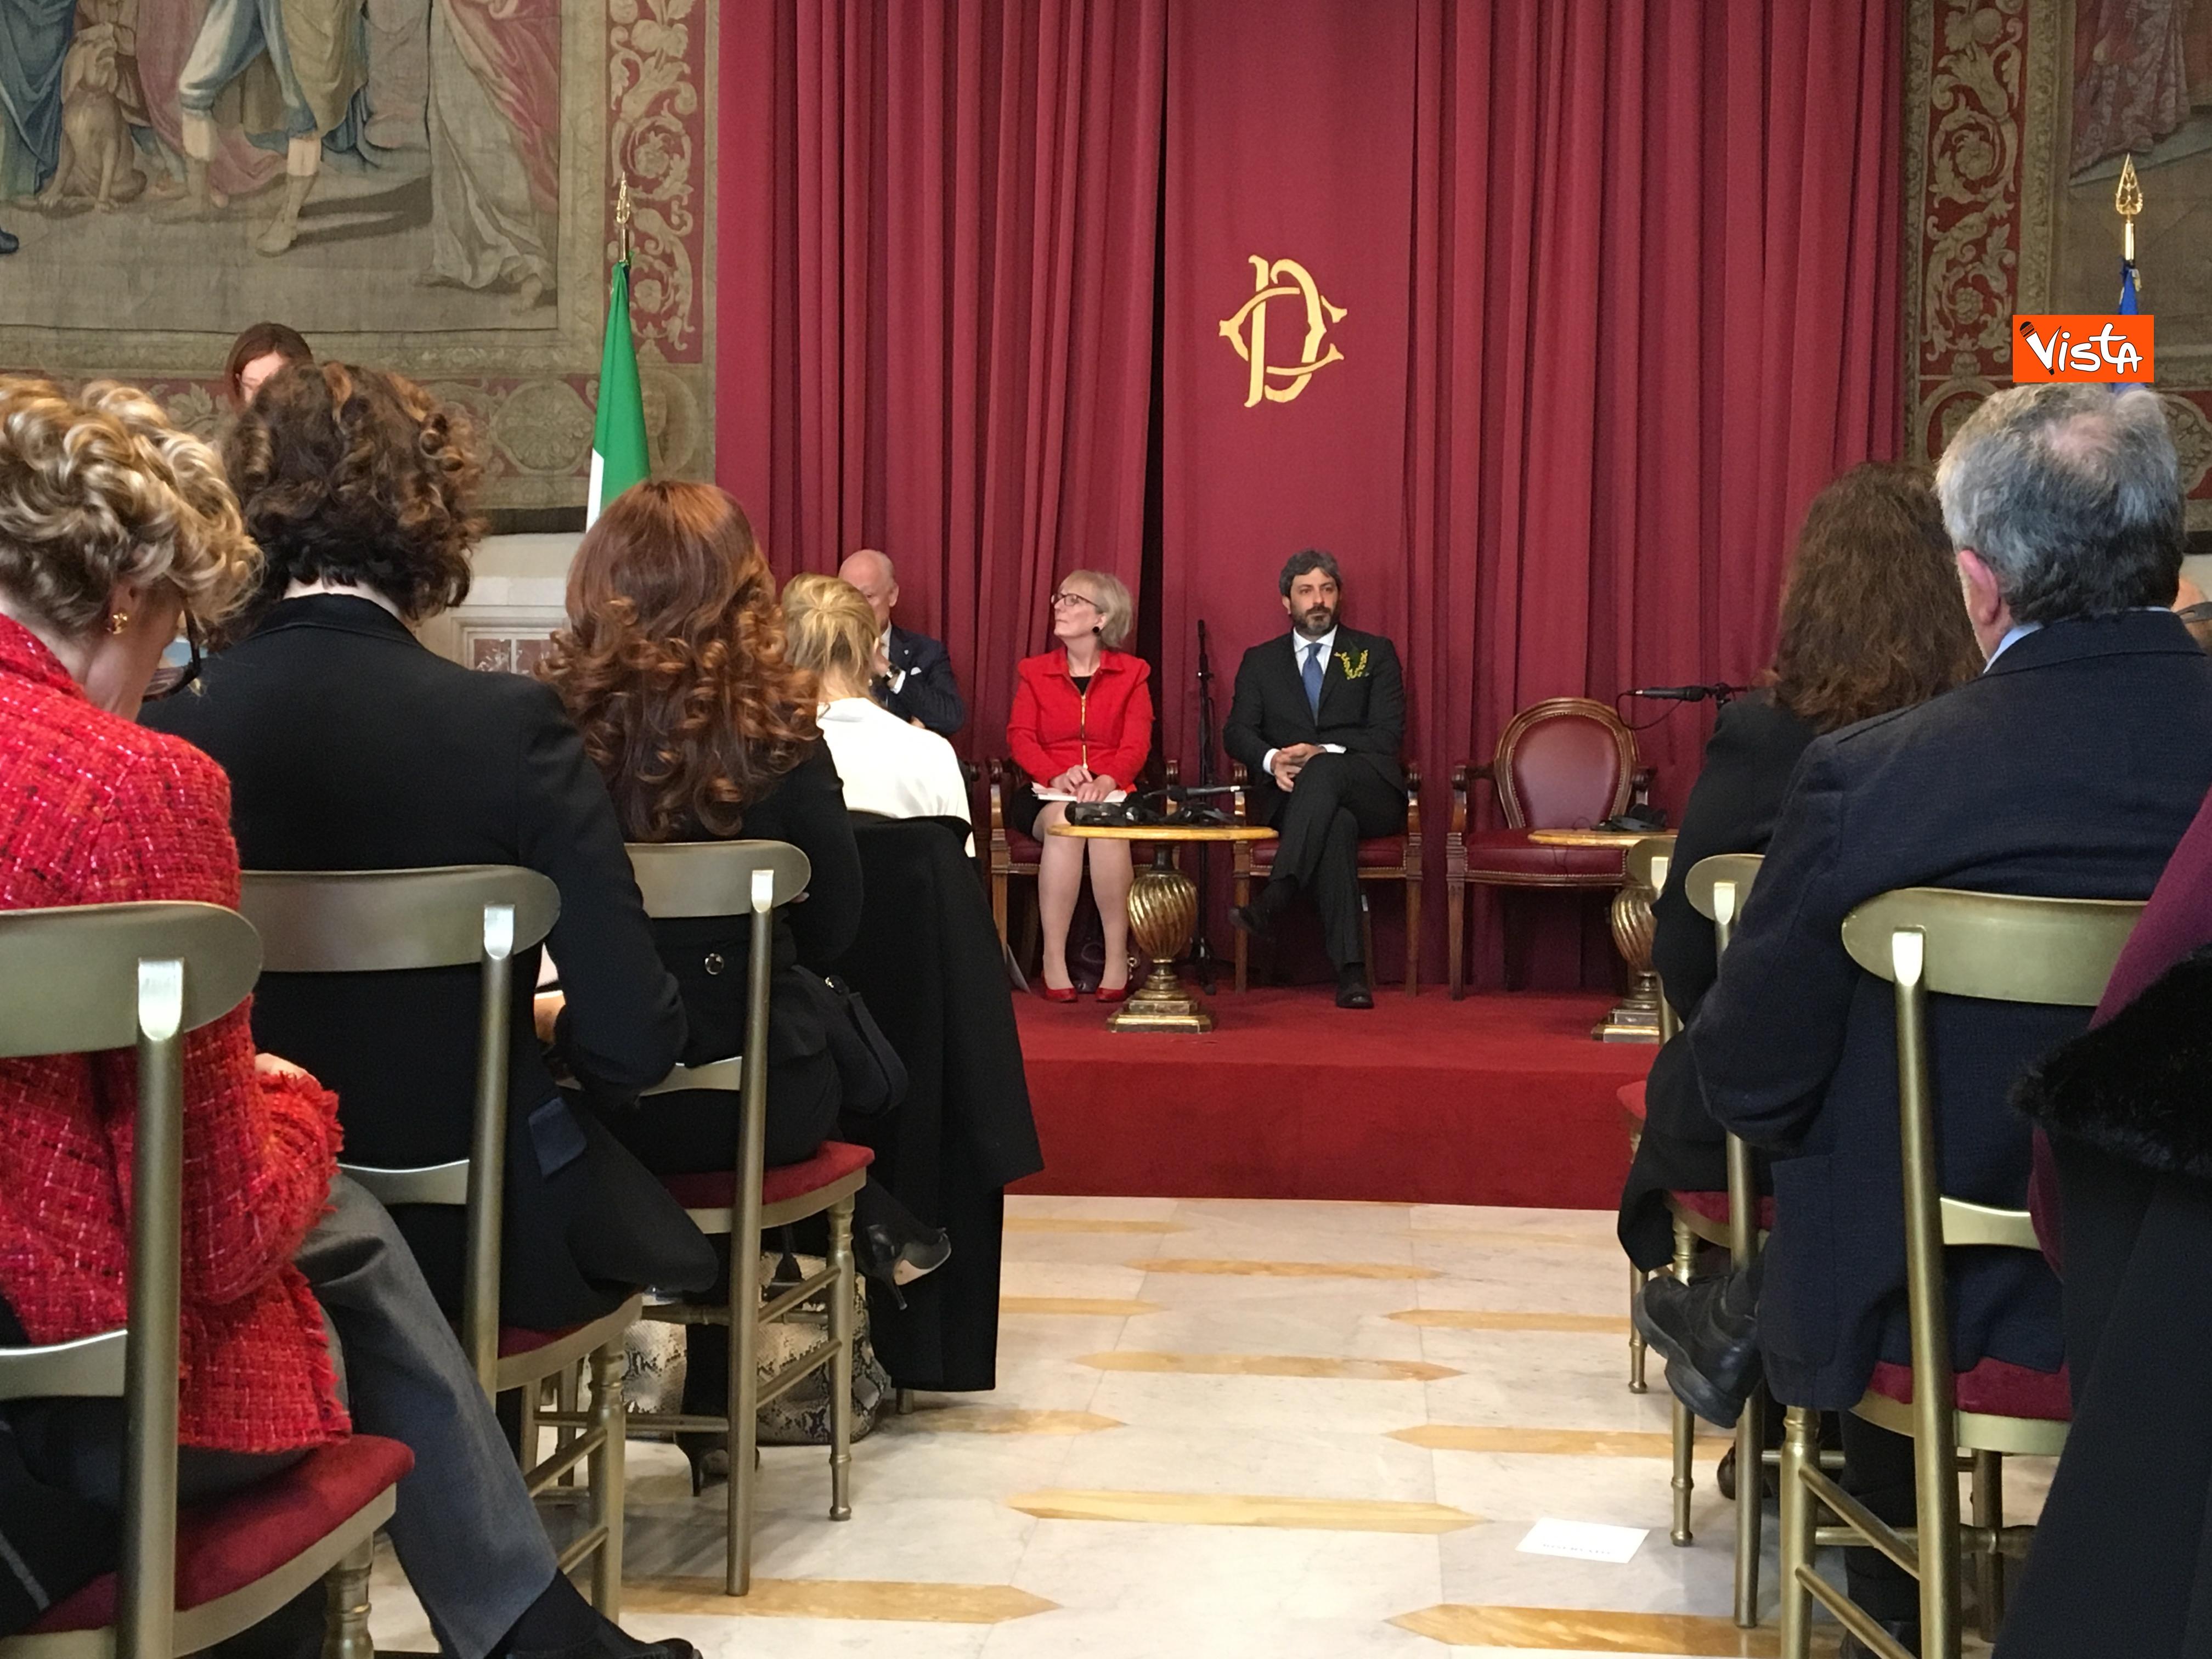 06-03-19 8 marzo a Montecitorio il convgeno Donne pace e sicurezza con il presidente Fico immagini_04